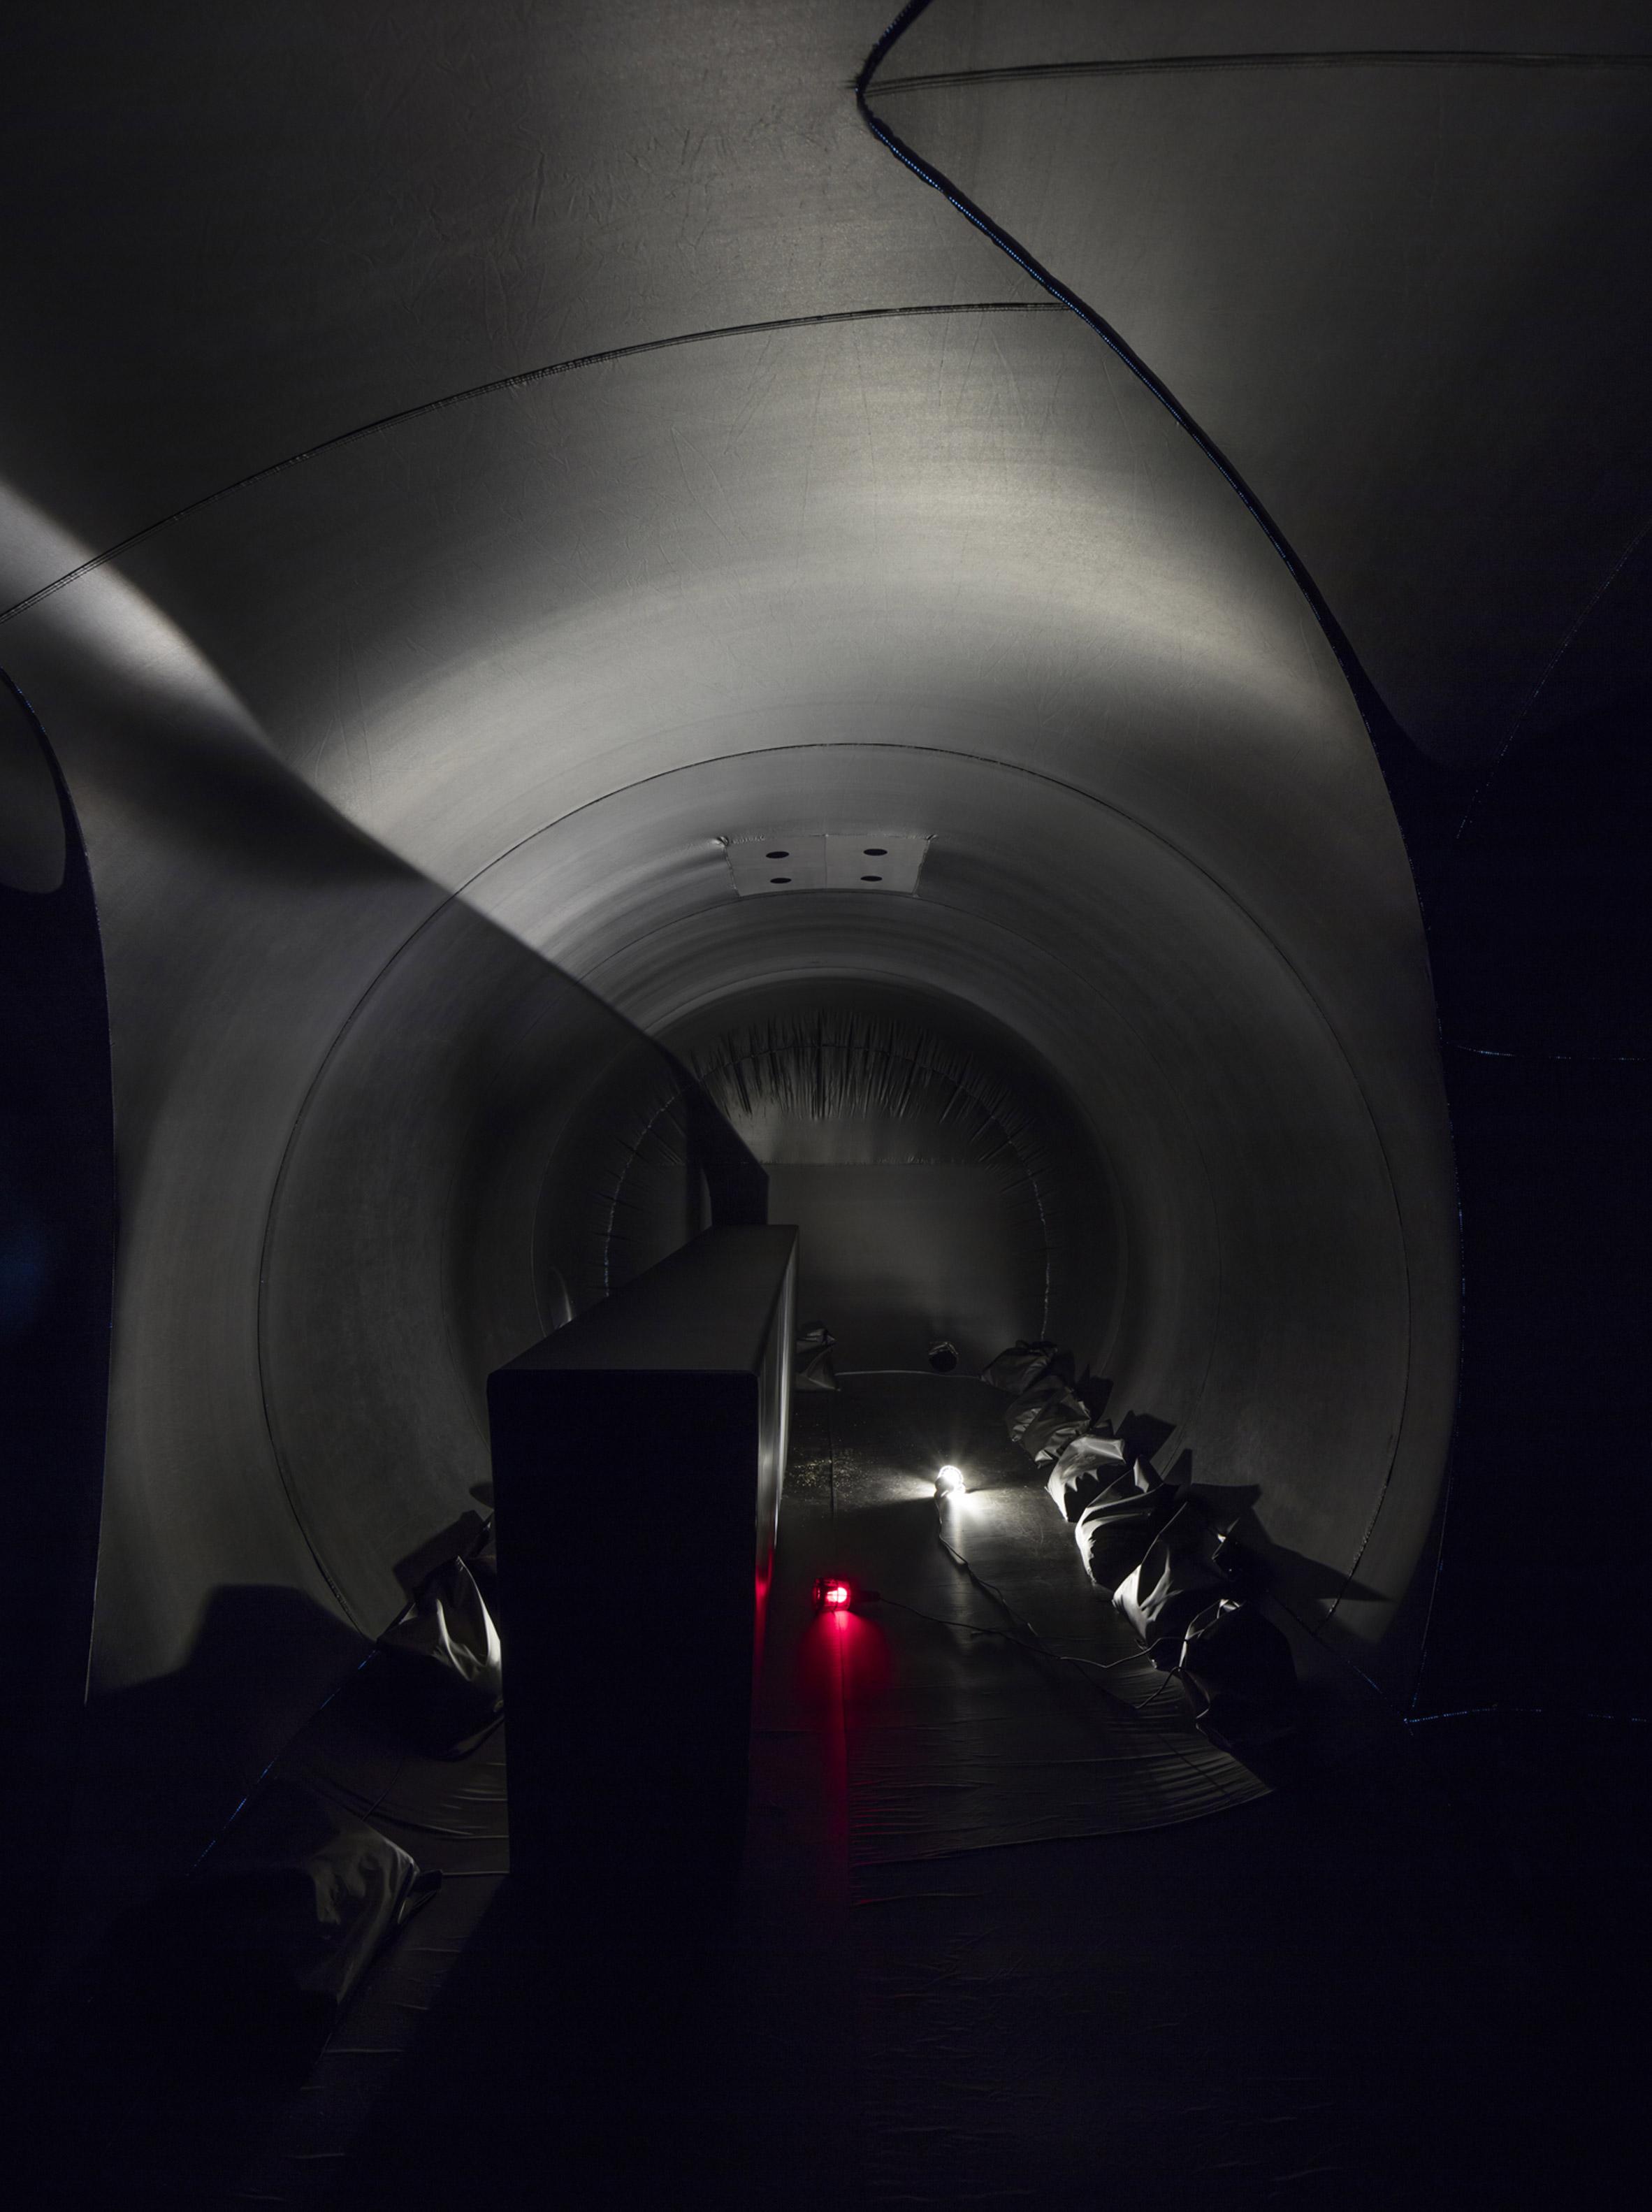 shelter-architecture-black-inflatable-installation-pvc-bureau-a_dezeen_2364_col_10-1